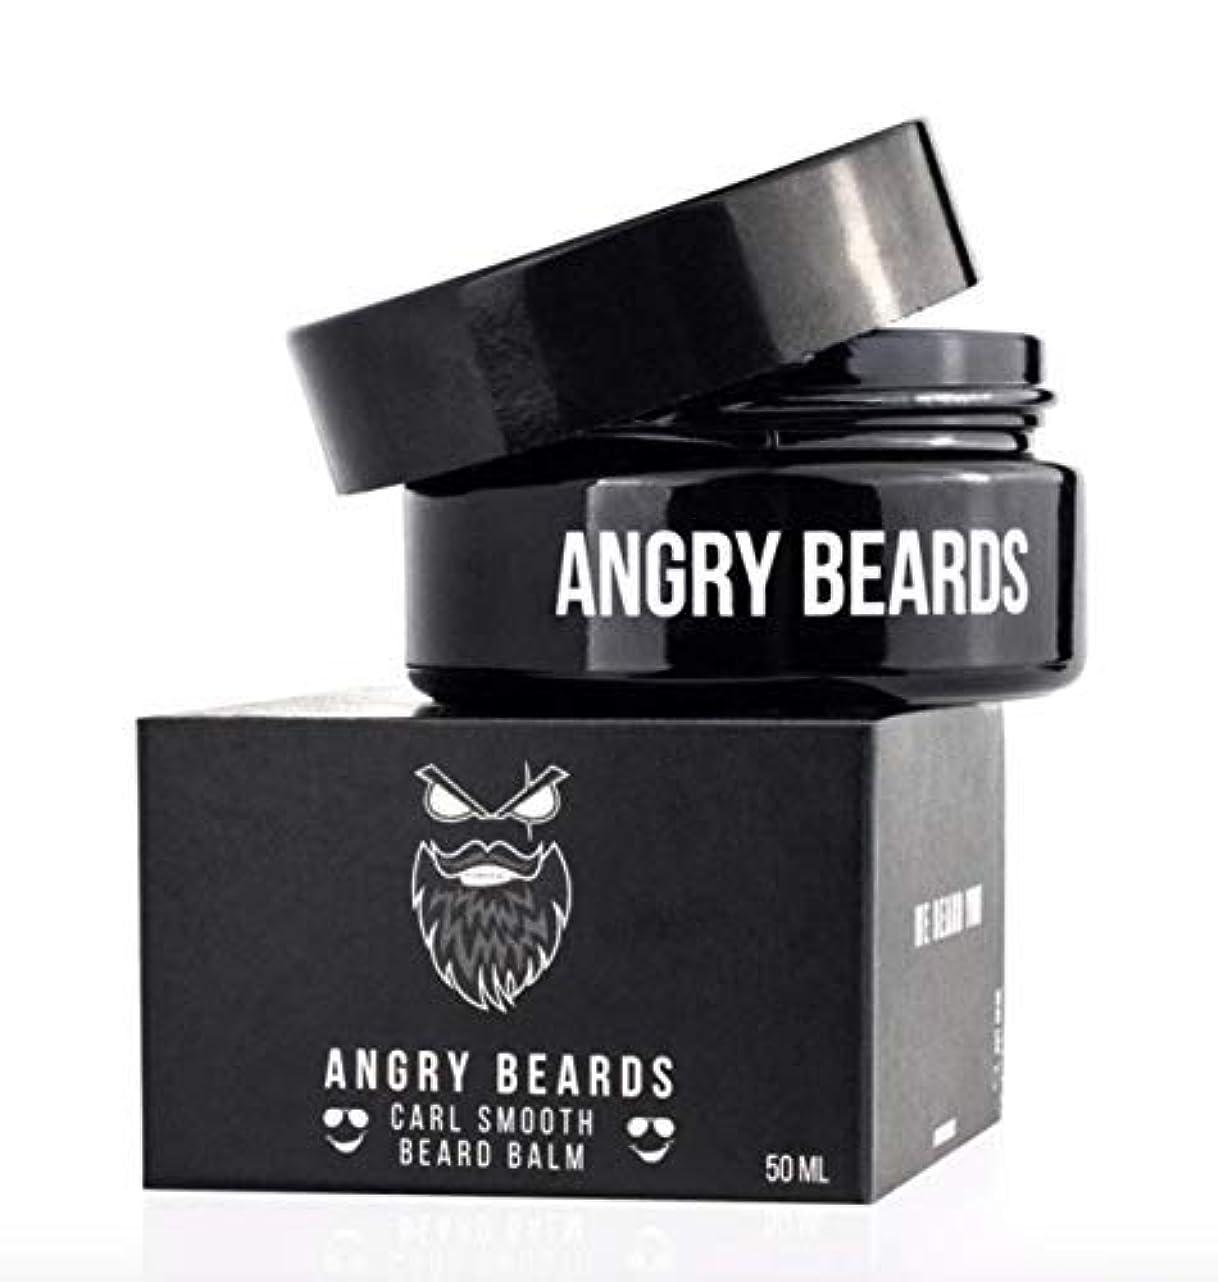 厄介な開発差別するCarl Smooth Beard Balm by Angry Beards 50ml / カールスムースビアードバームバイアングリービアード50ml Made in Czech Republic